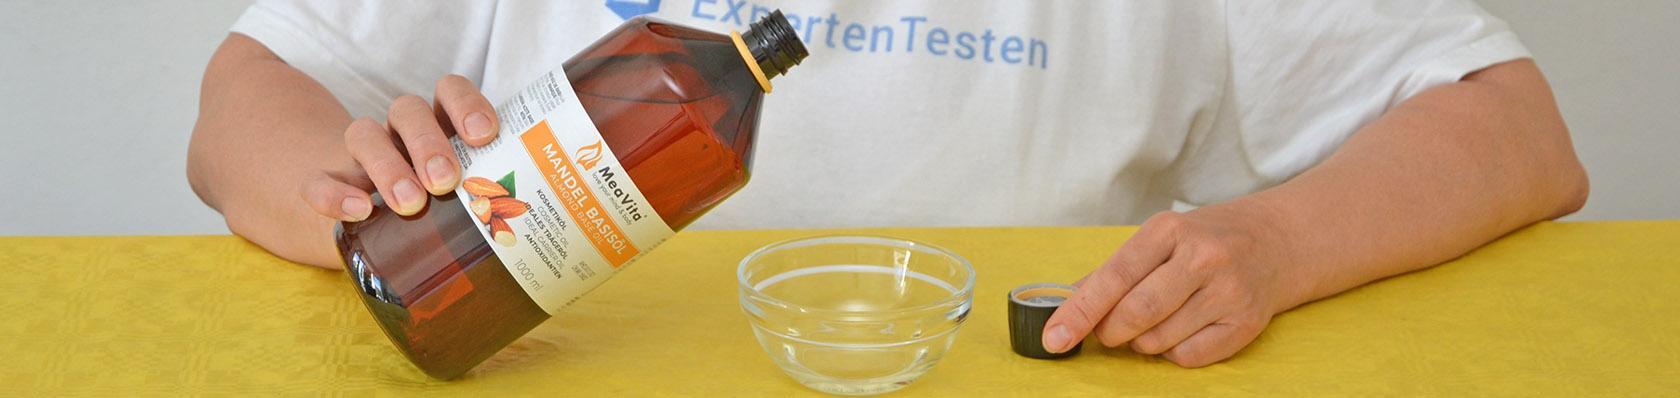 Gesichtsöle im Test auf ExpertenTesten.de